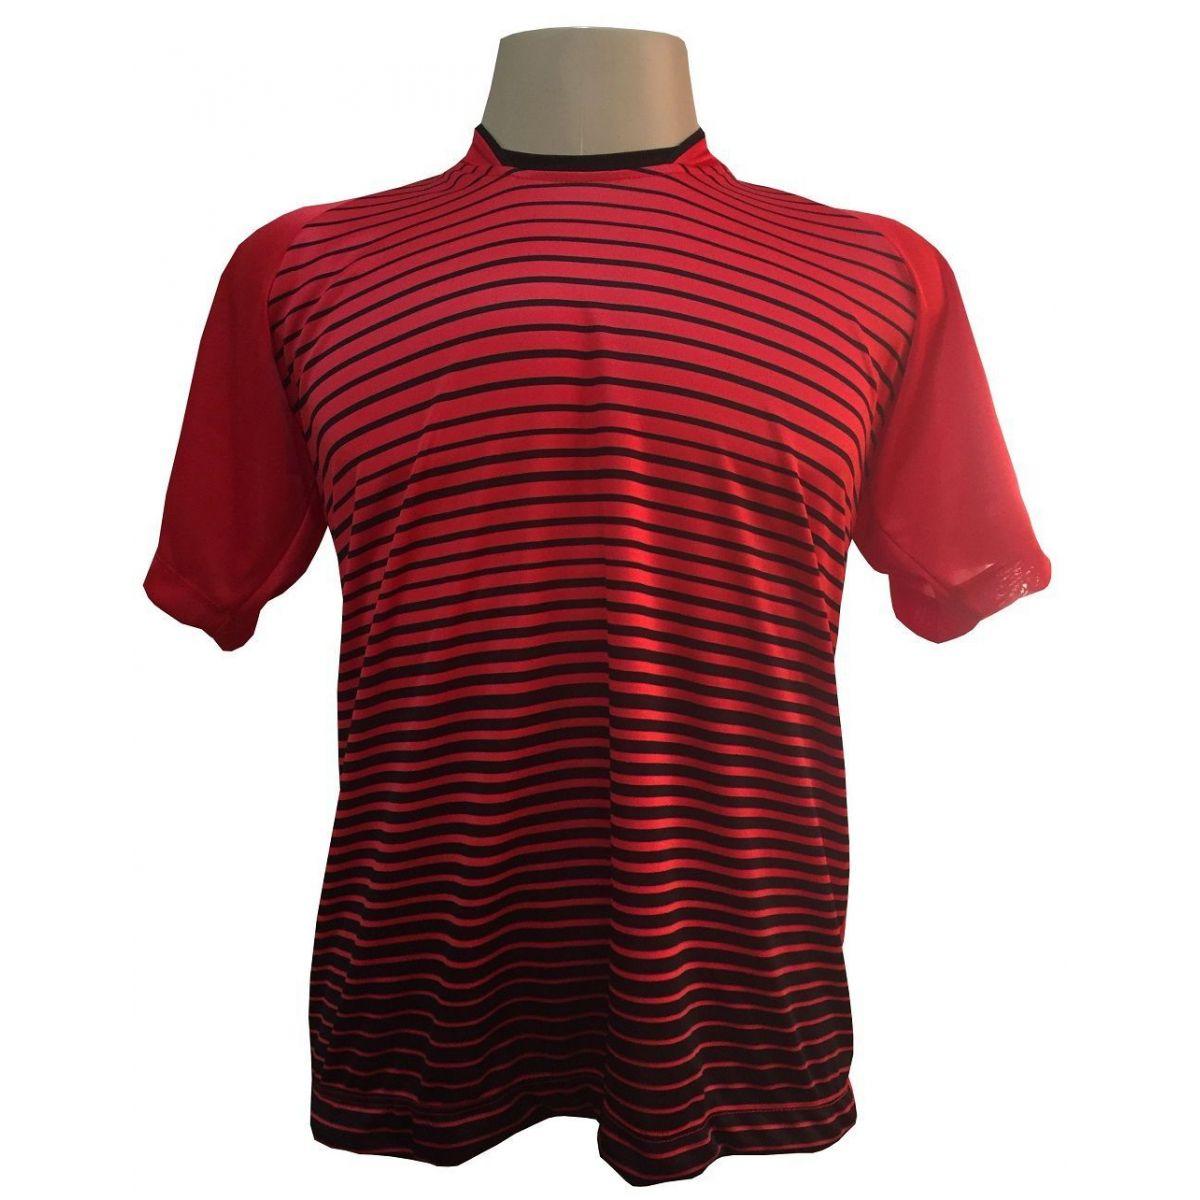 Uniforme Esportivo com 12 Camisas modelo City Vermelho/Preto + 12 Calções modelo Madrid Vermelho